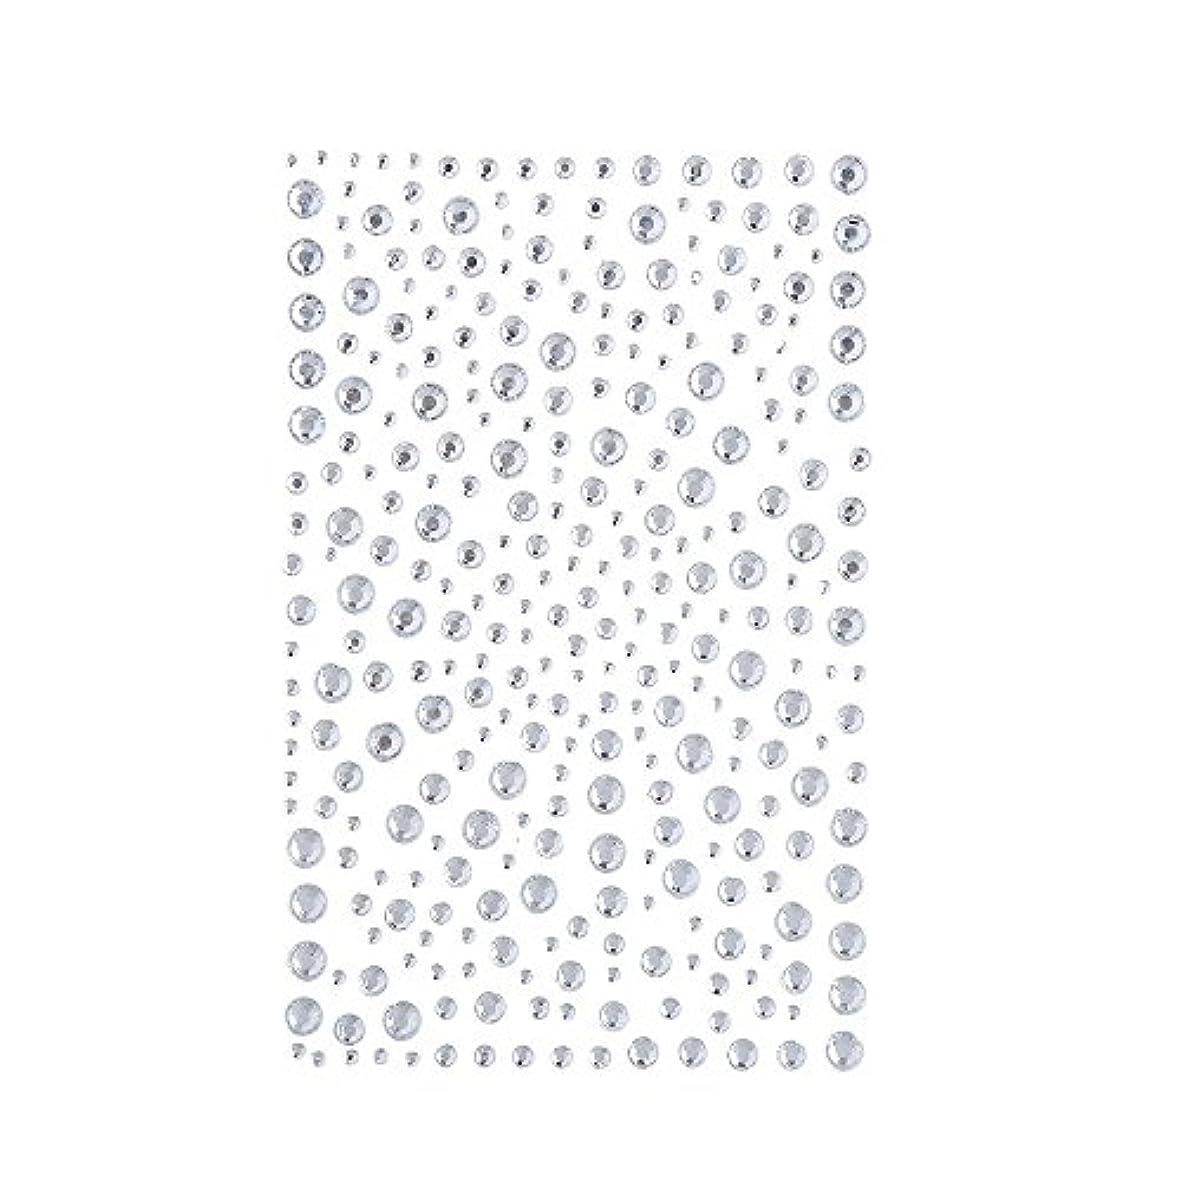 硬さフラスコ競合他社選手ラインストーン 人工ダイヤモンド スワロフスキー ホットフィックス 325粒 (白)